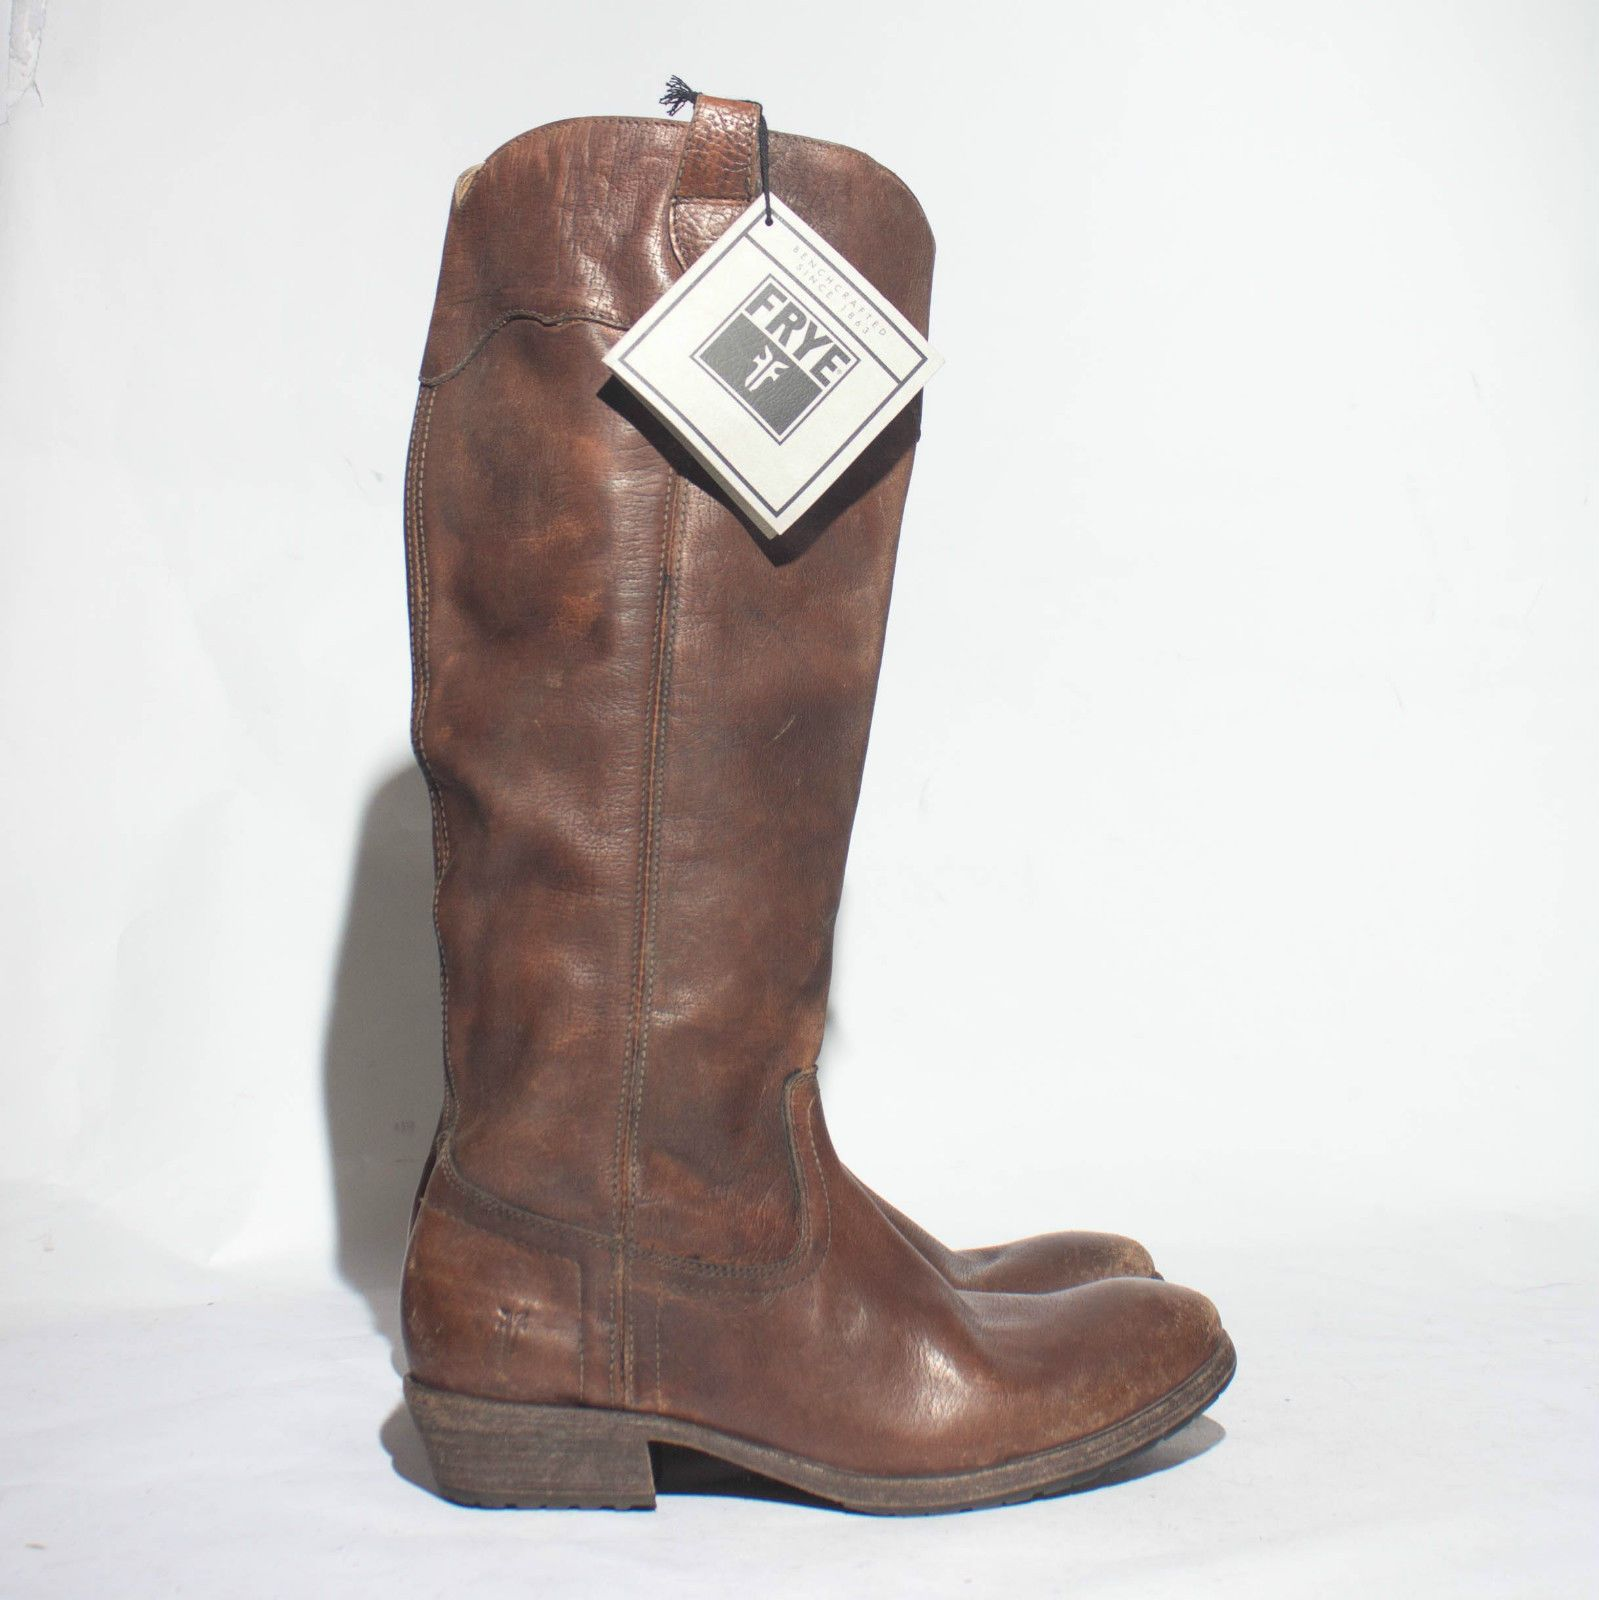 http://www.athenefashion.com/ebay/quick-ends-soon-frye-carson-lug ...